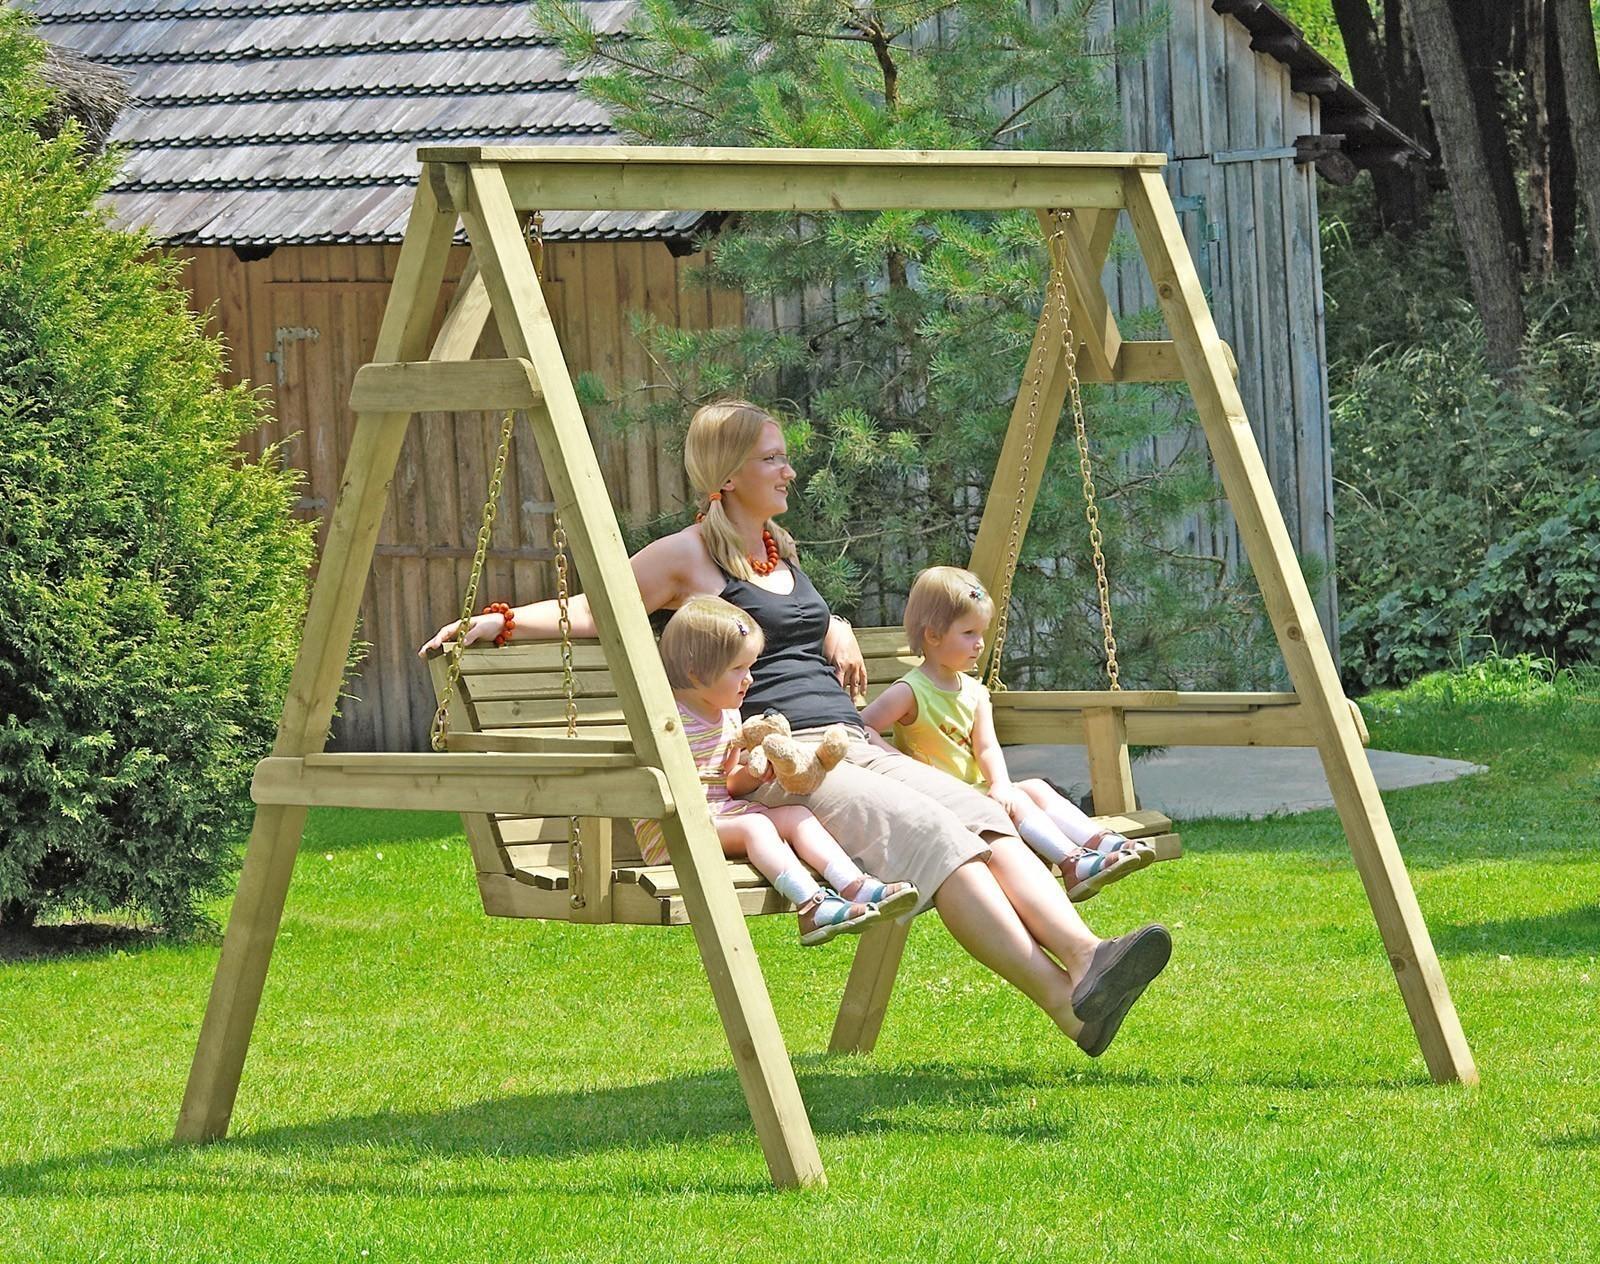 Hollywoodschaukel / Gartenschaukel Holz 190x164x198 cm ...  Hollywoodschauk...